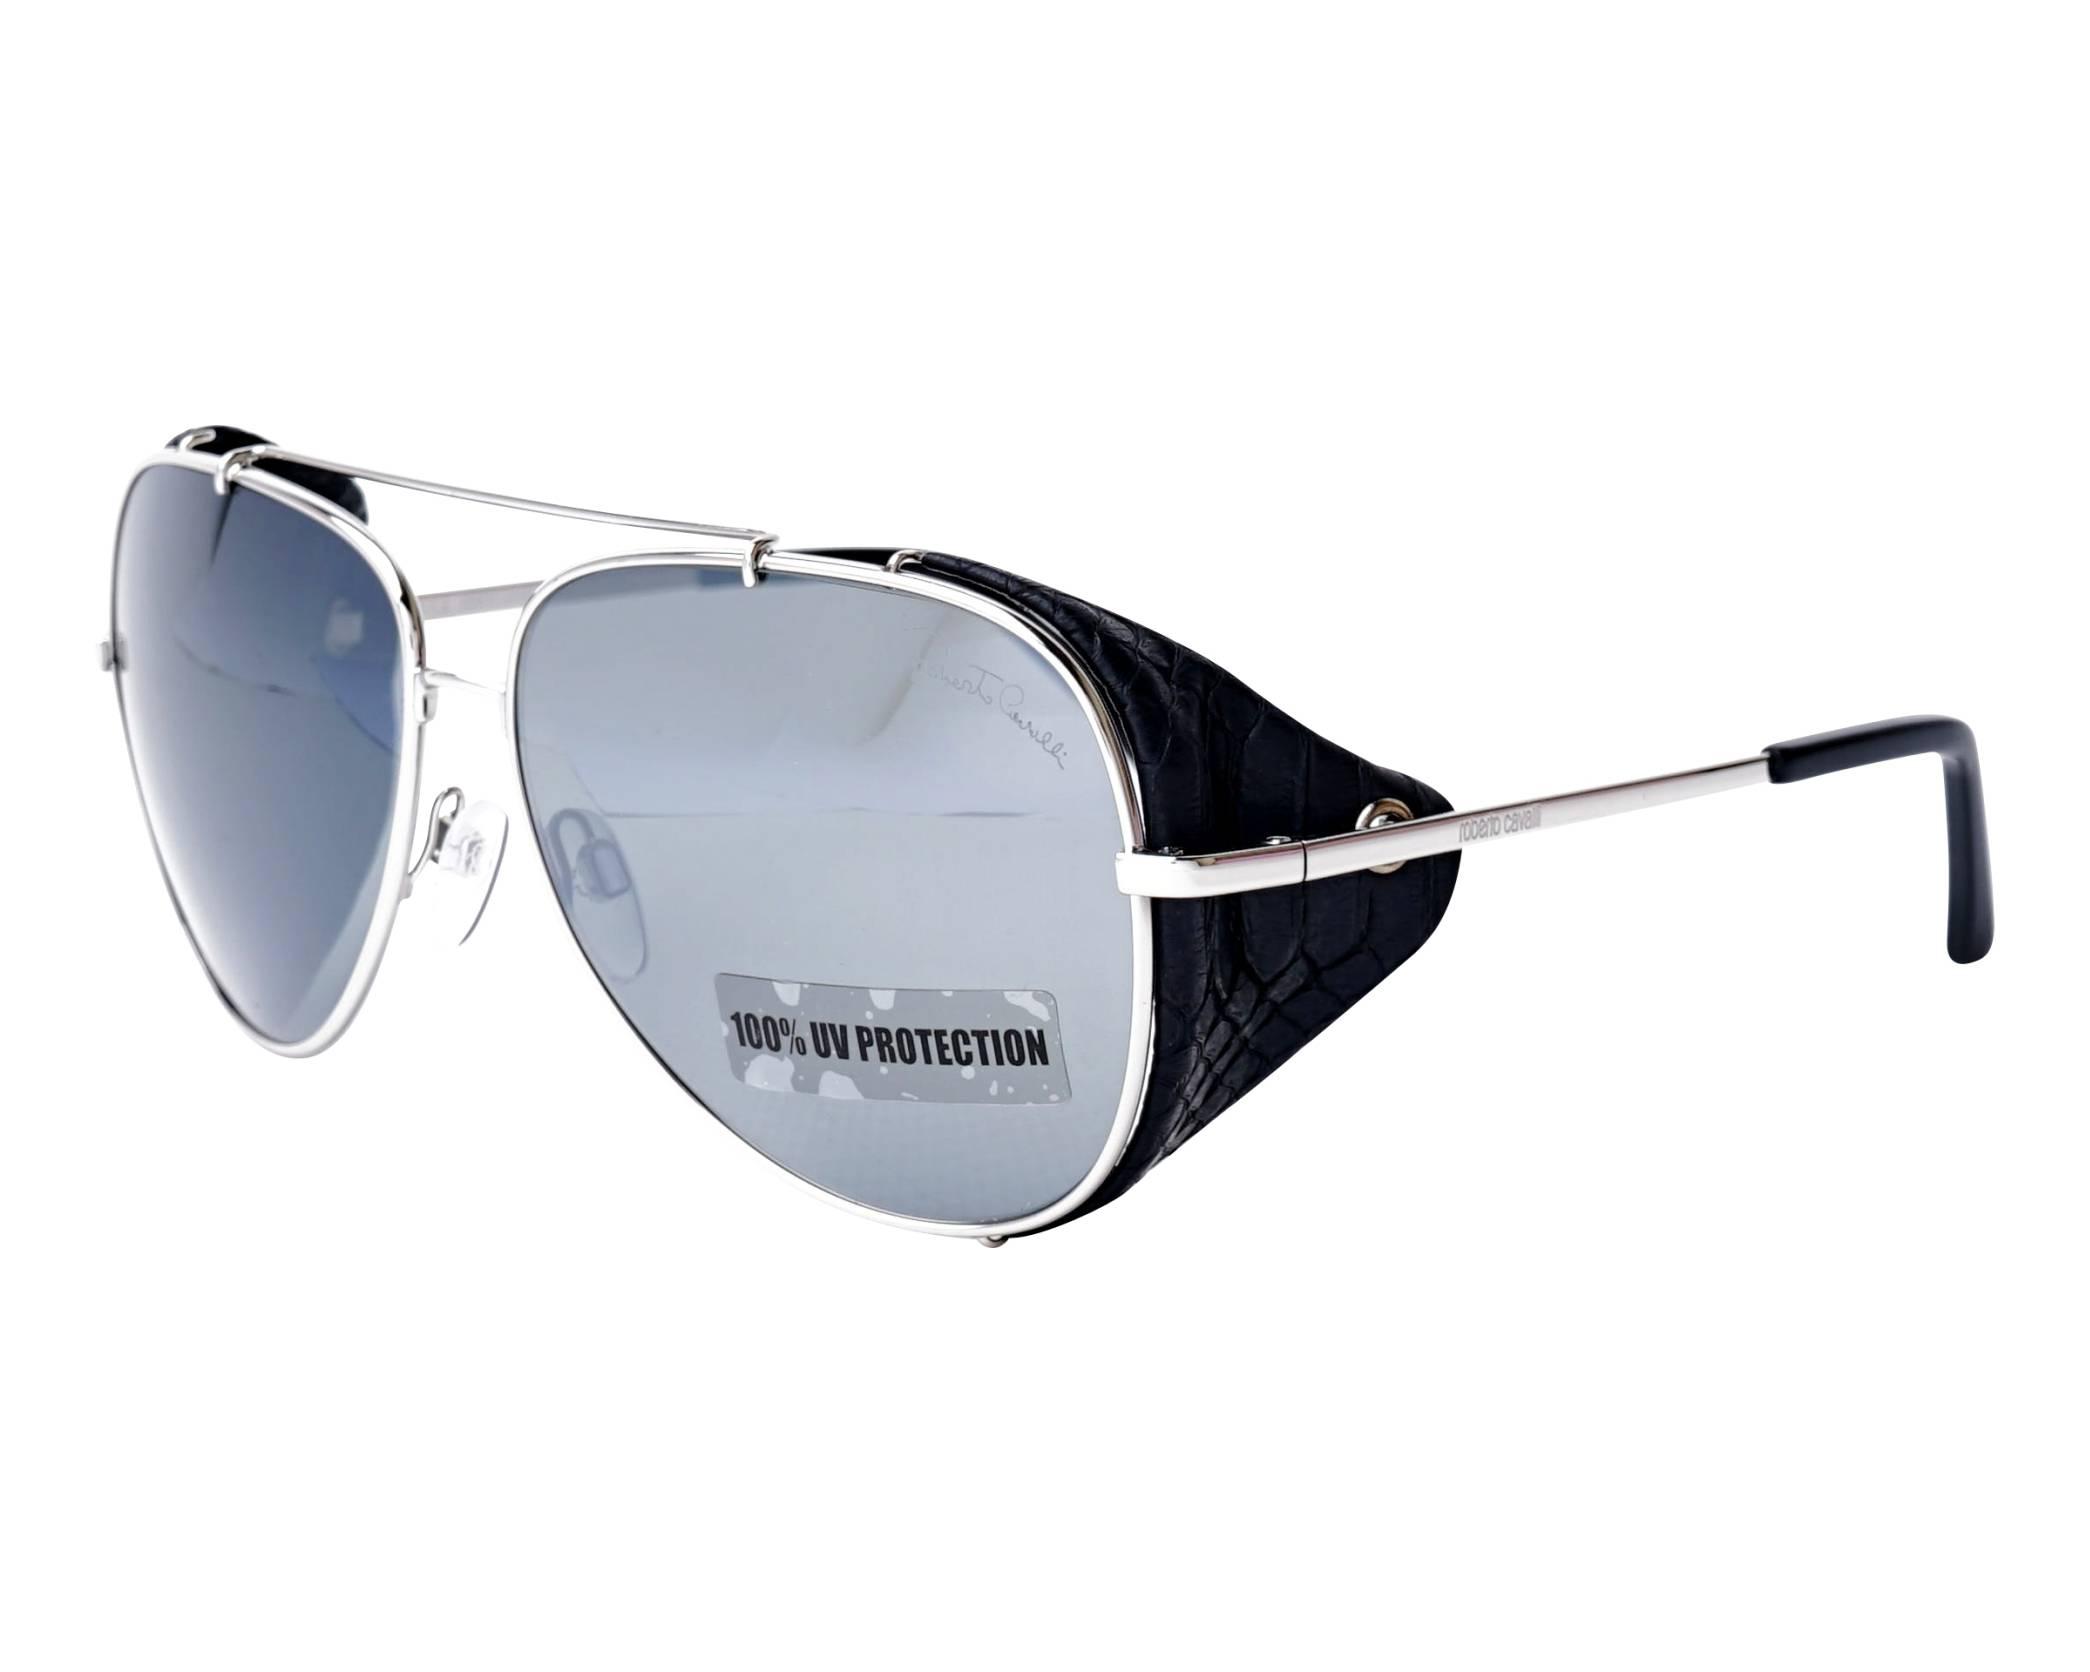 022cfbbdc8aec Sunglasses Roberto Cavalli RC-856-S 16C 60-13 Silver profile view